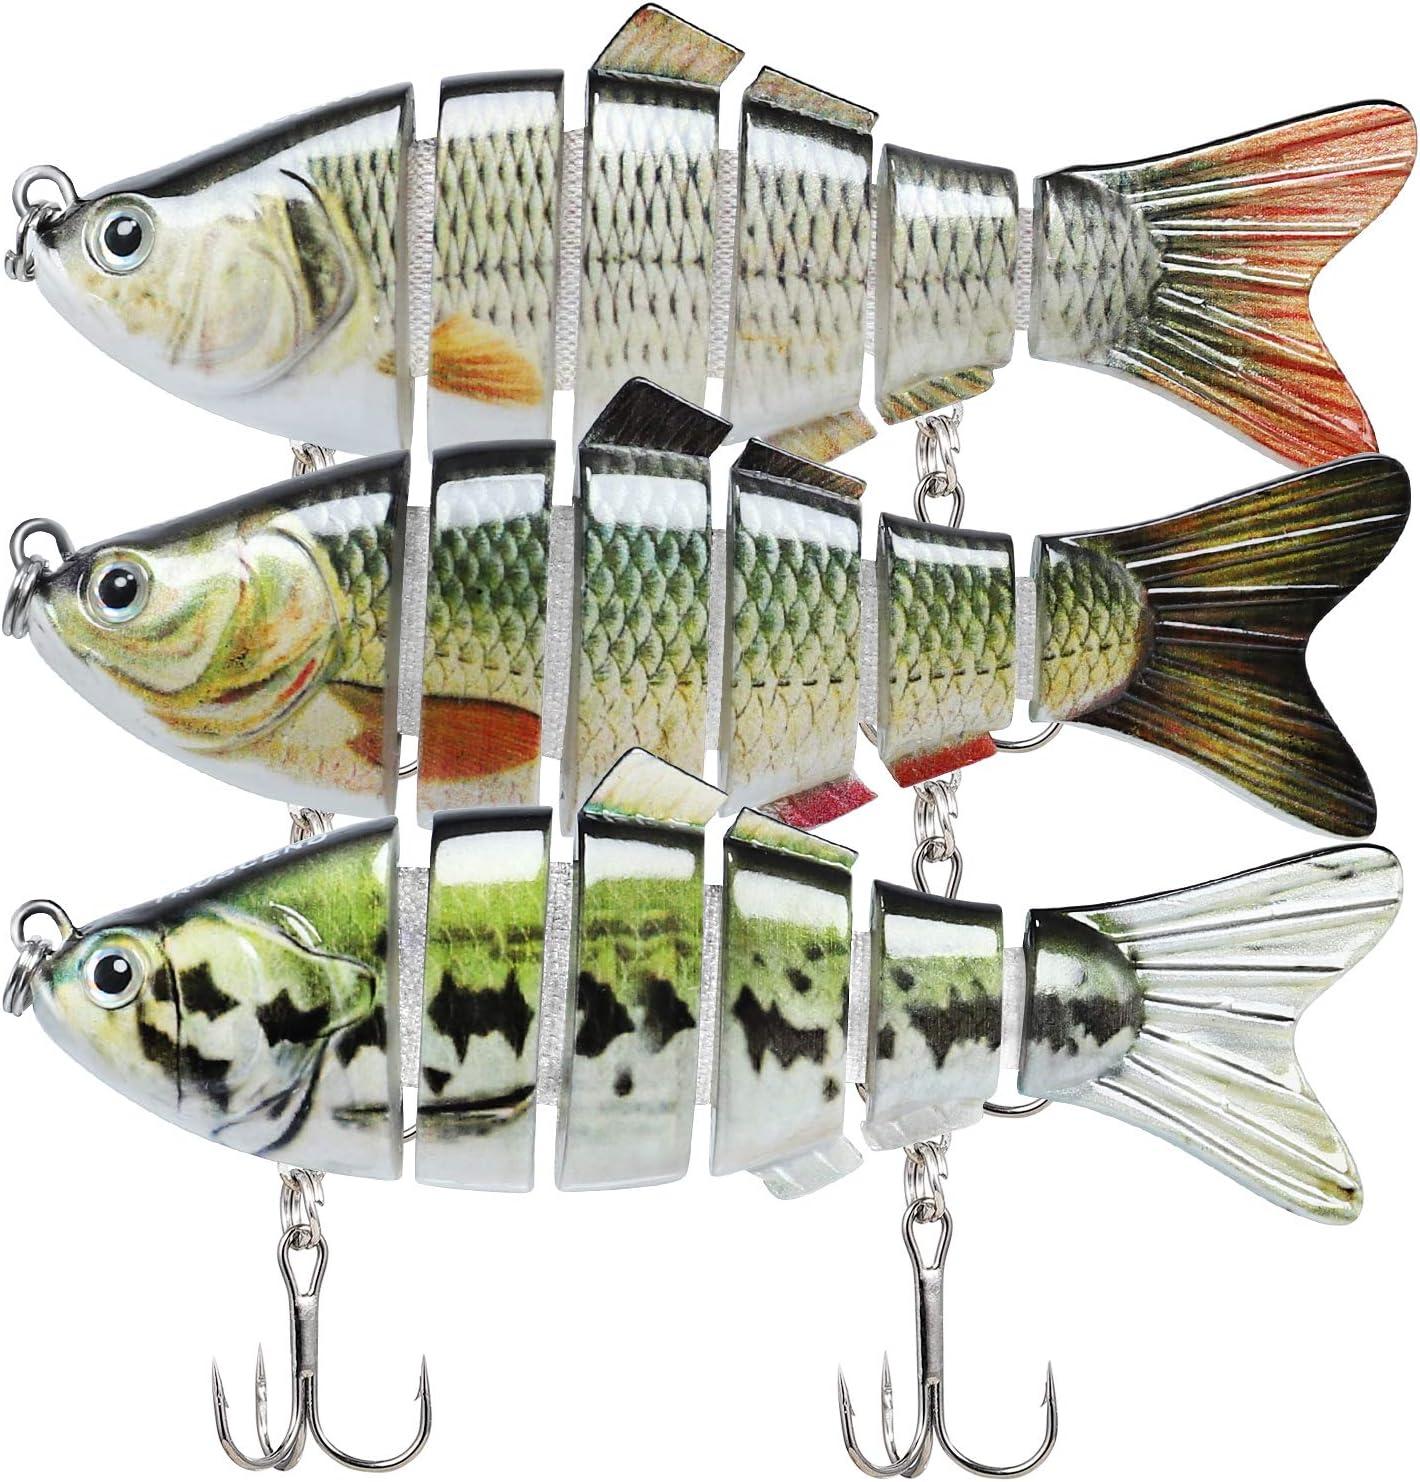 TRUSCEND Combo Fishing Lures Kit